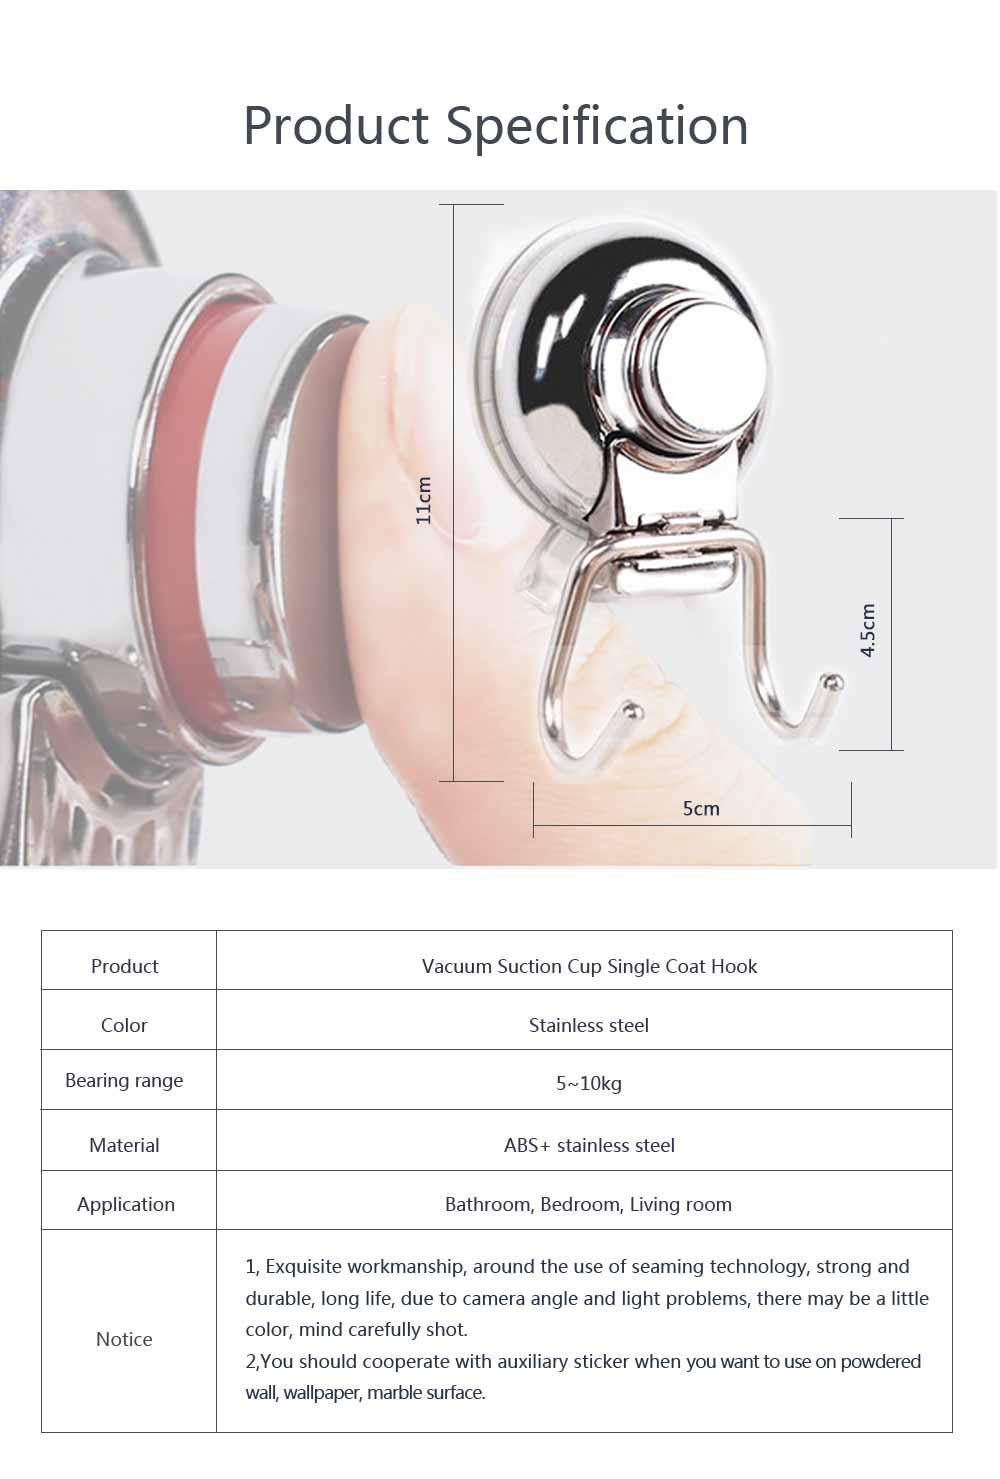 Bathroom Shower Towel Hook, Kitchen Wall Hanger, Stainless Steel Heavy Duty Hook 7